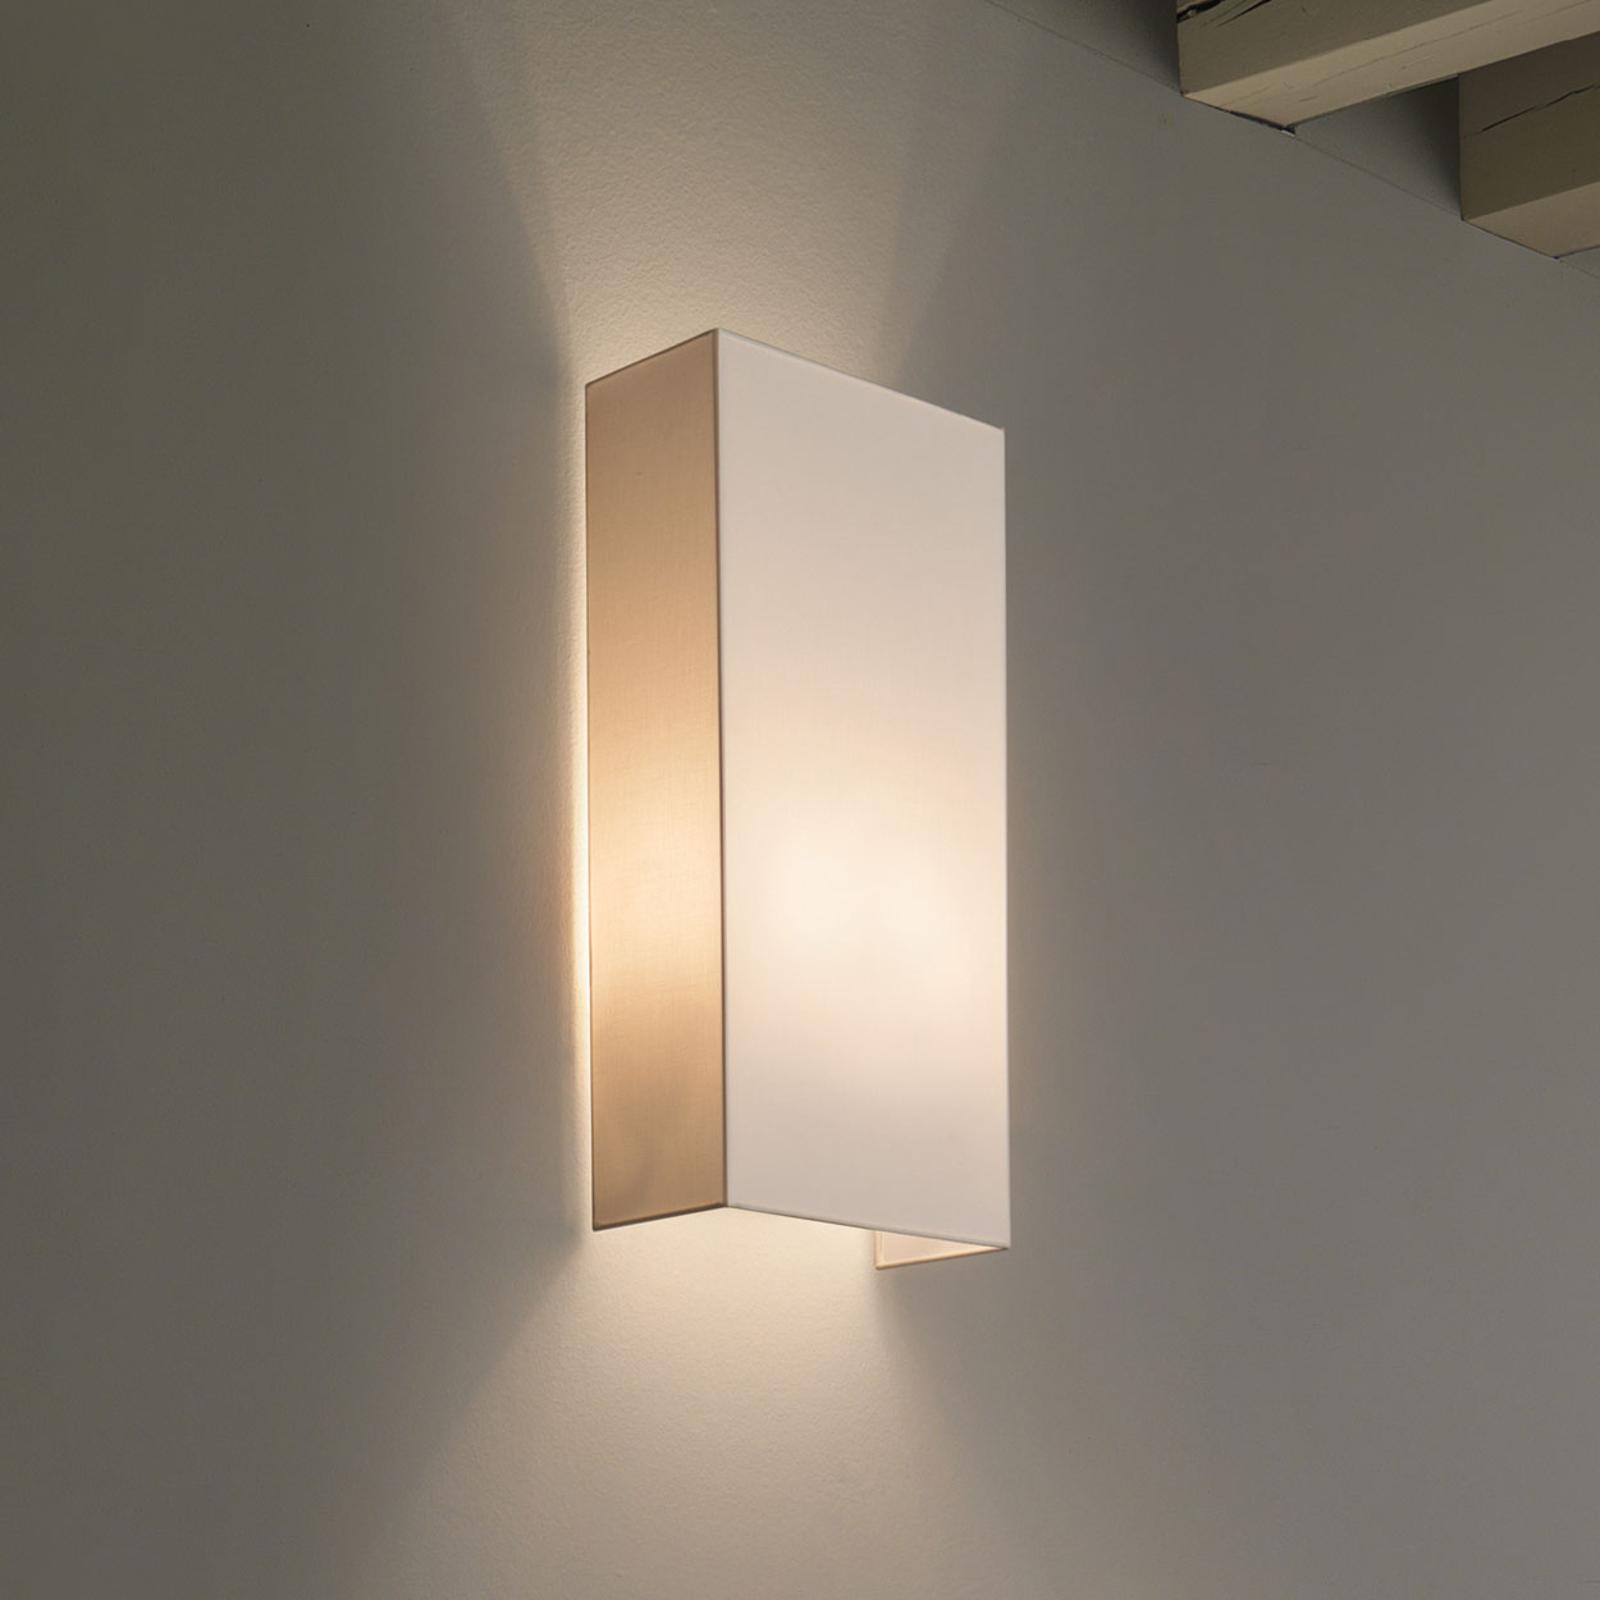 Modo Luce Rettangolo wandlamp 40 cm ivoor